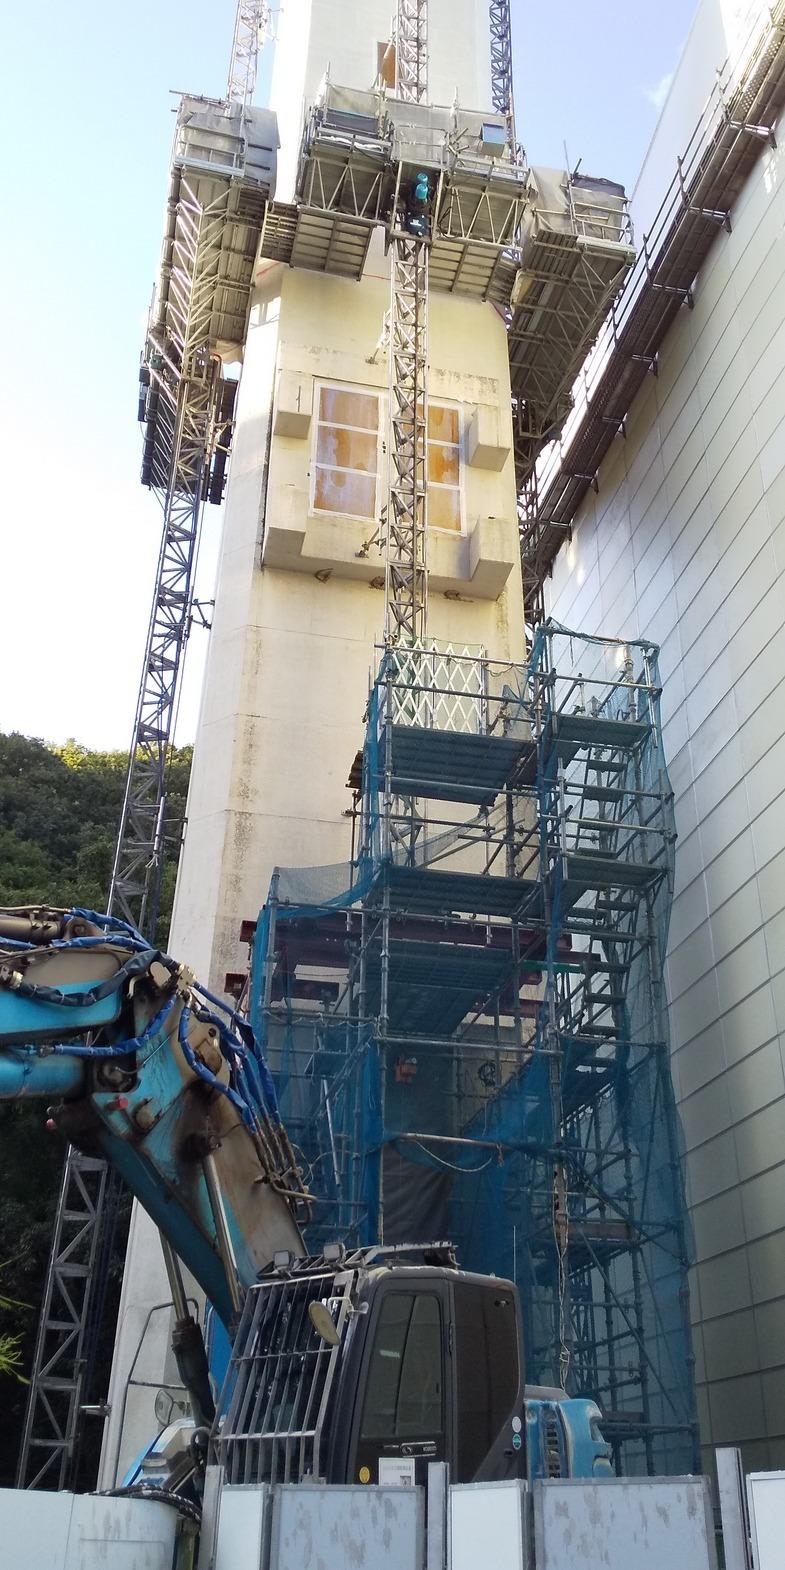 旧北部処理センター 建築物の除去作業9月30日まで(工事は来年9月まで)👷 台風の行方が気にかかります 🌀 くれぐれも気をつけてお過ごしください 🌀_f0061067_18202978.jpg